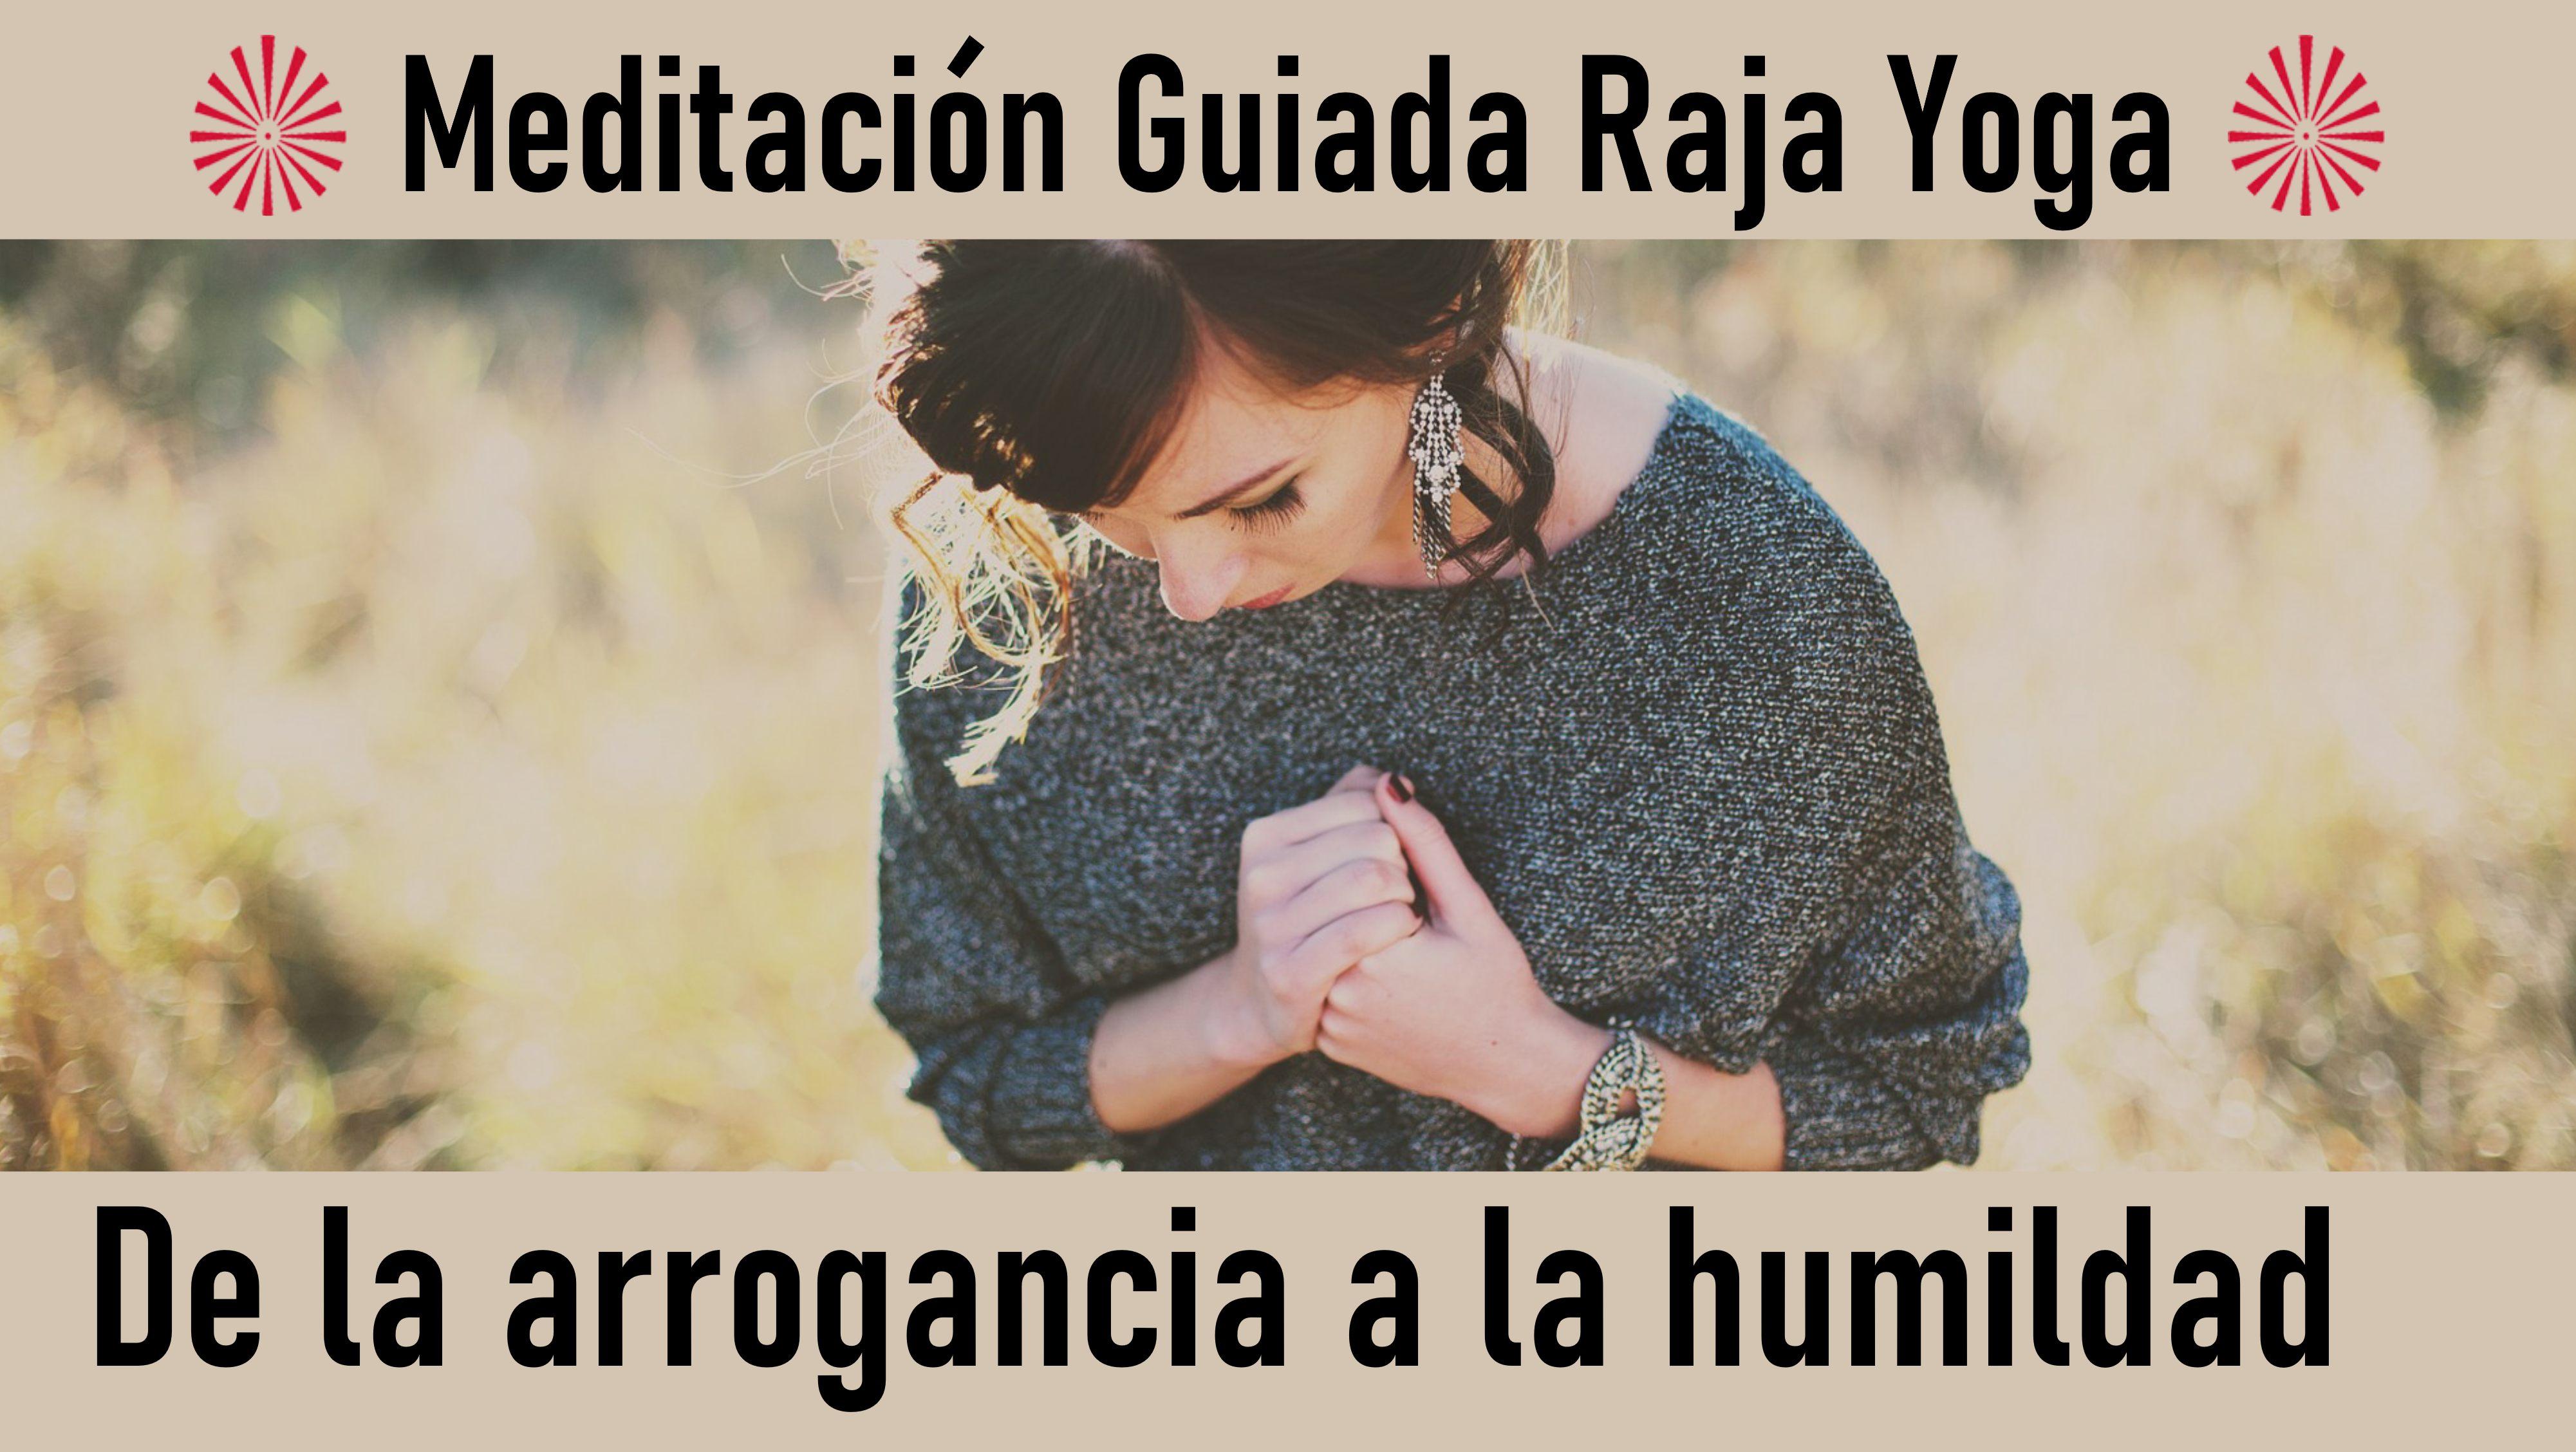 Meditación Raja Yoga: De la arrogancia a la humildad (27 Junio 2020) On-line desde Valencia